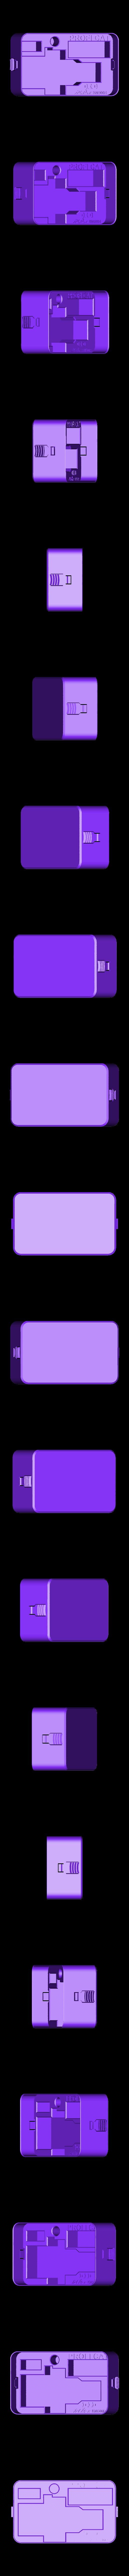 ChainTool_Box.stl Télécharger fichier STL gratuit Boîte à outils de la chaîne • Design pour impression 3D, Sparhawk